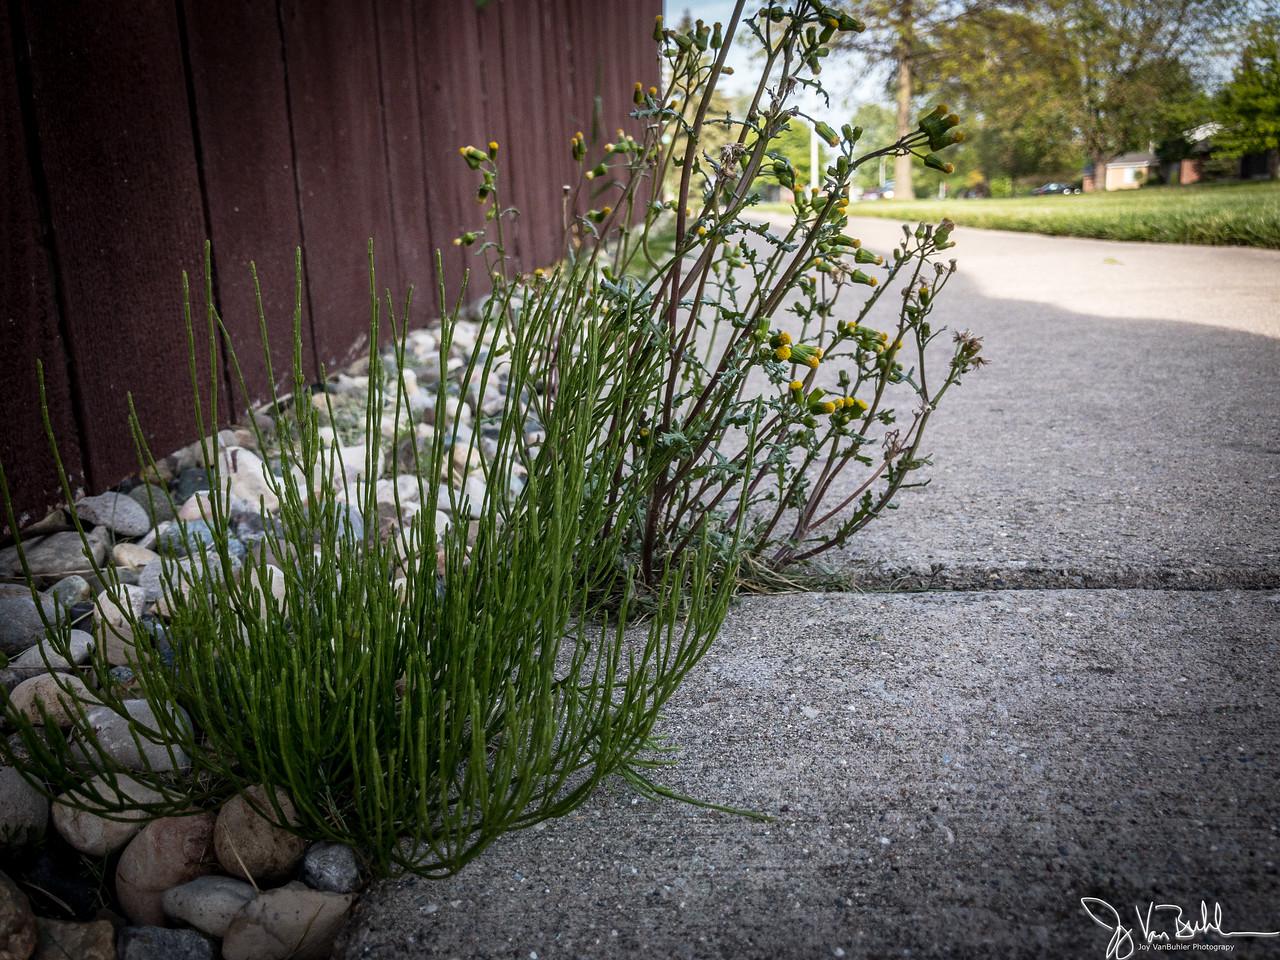 136/365 - Weeds